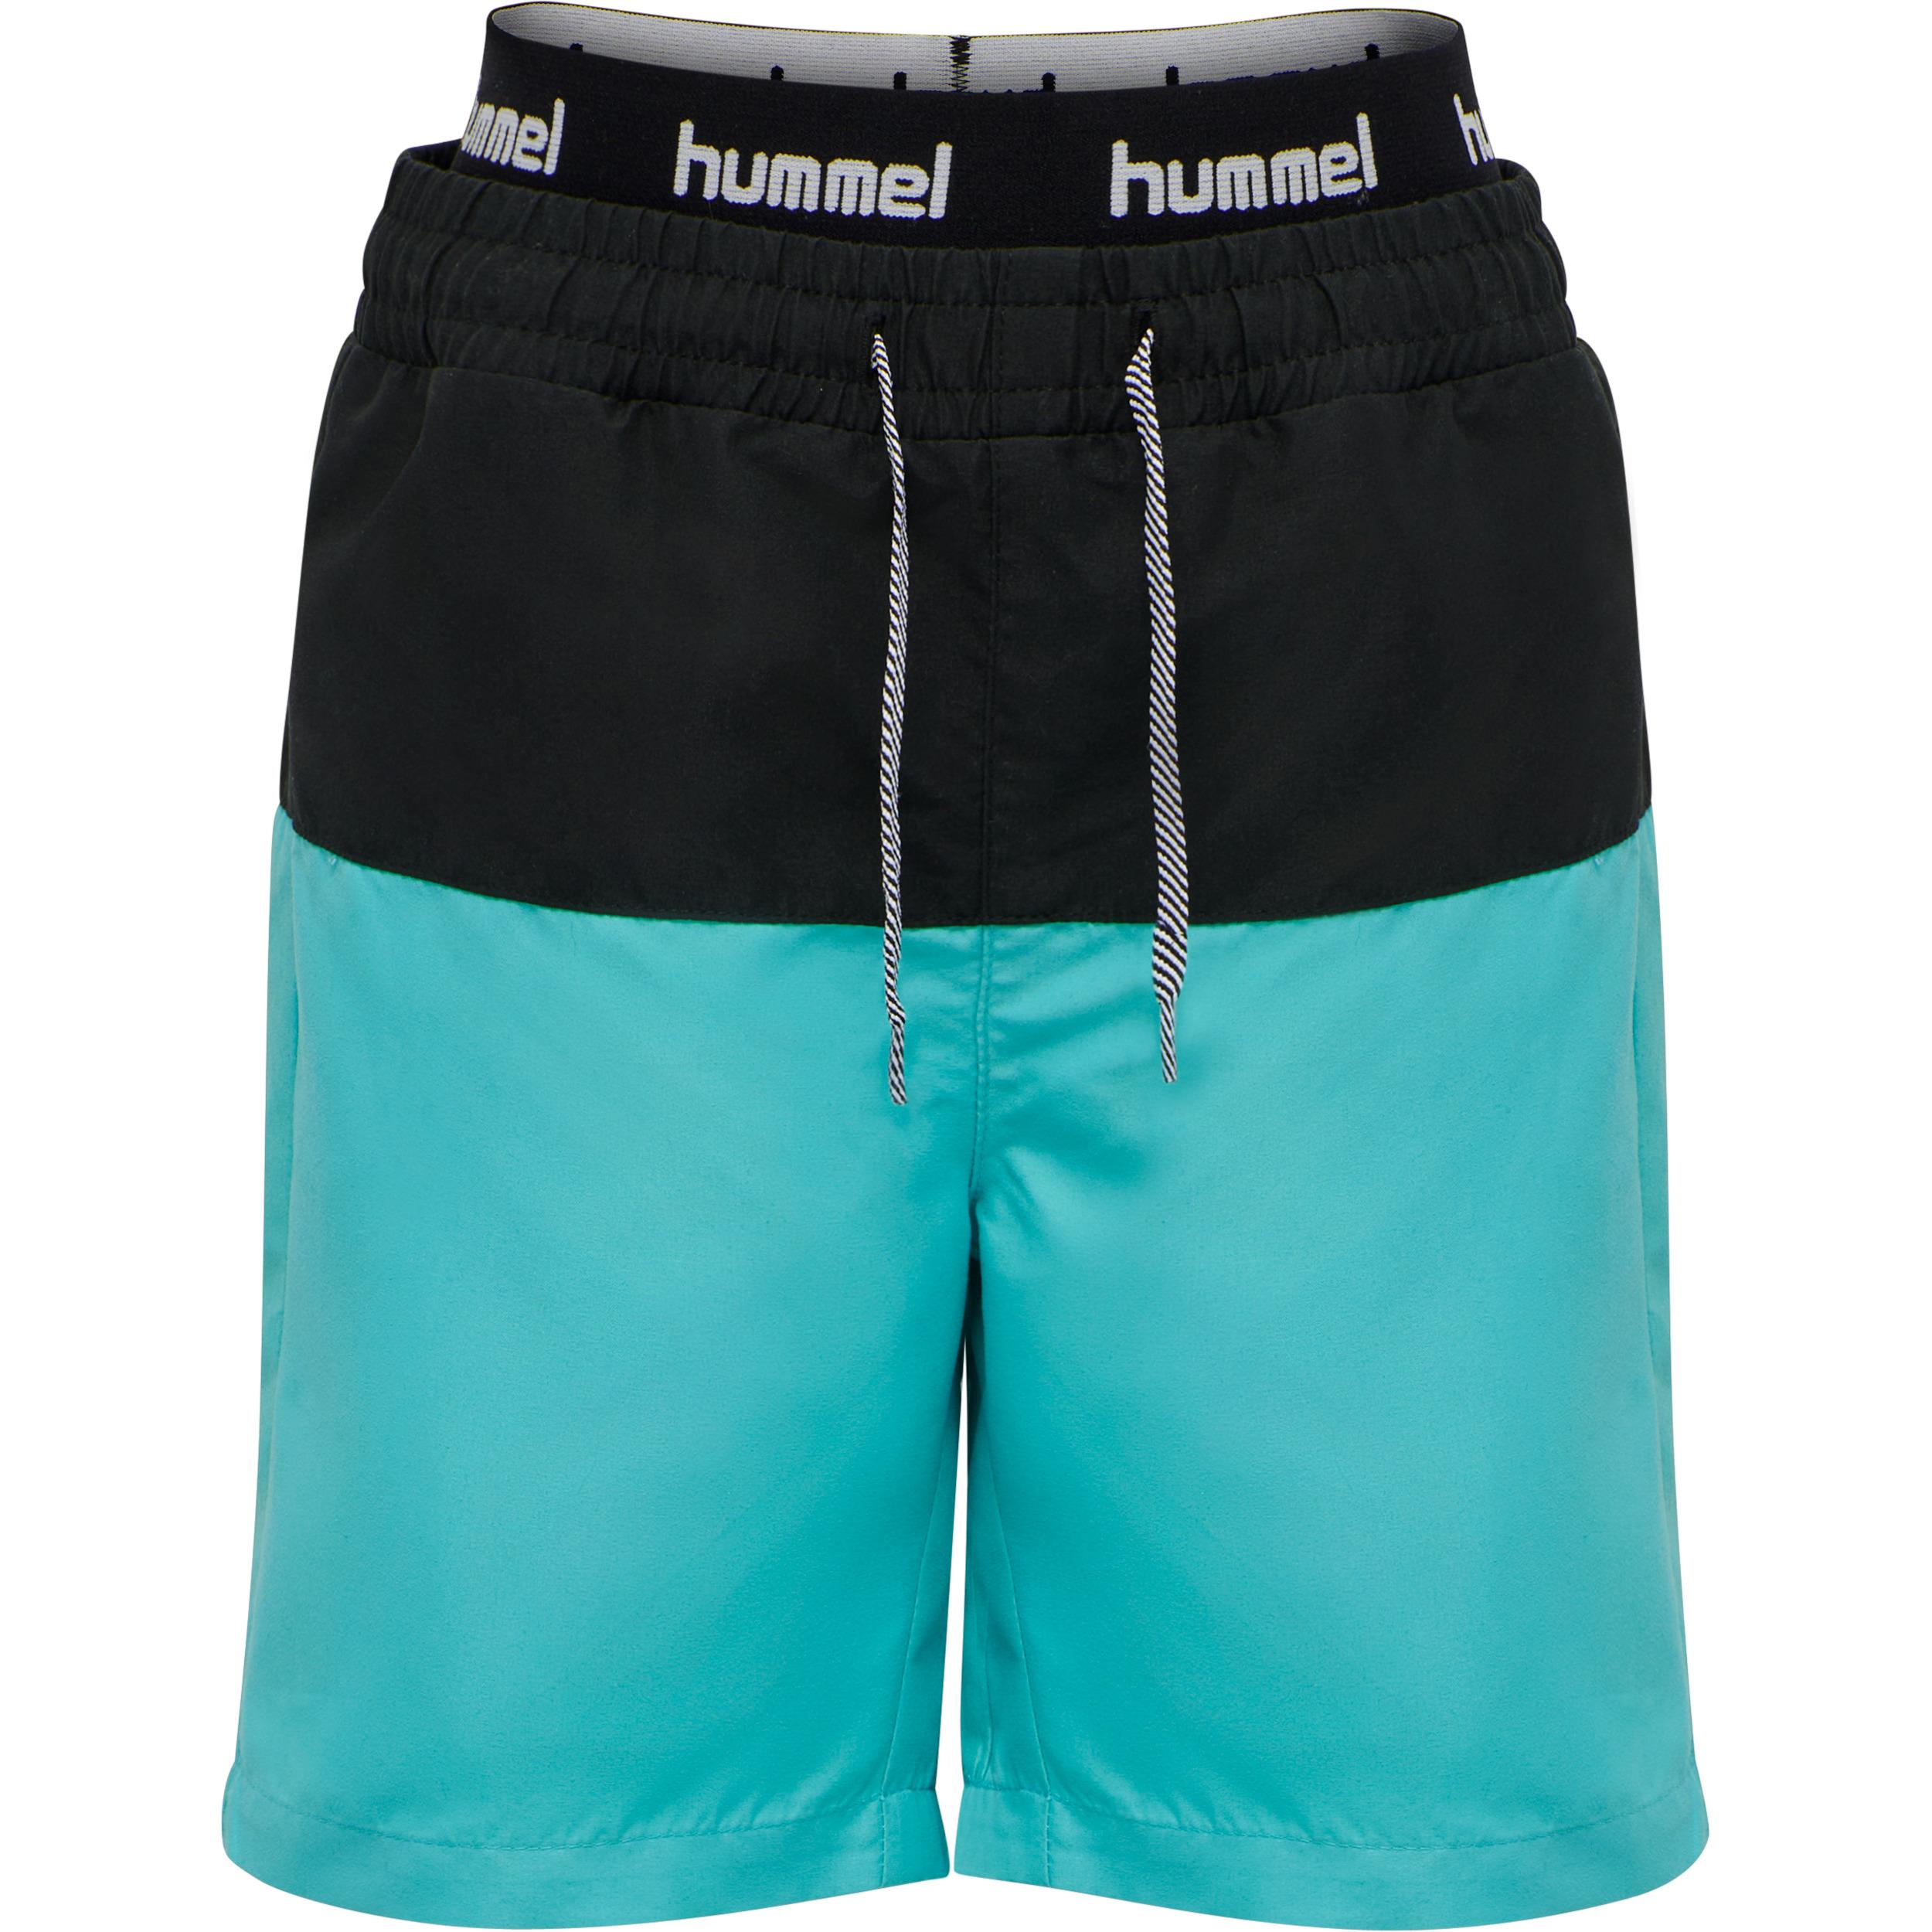 Hummel Garner Board shorts